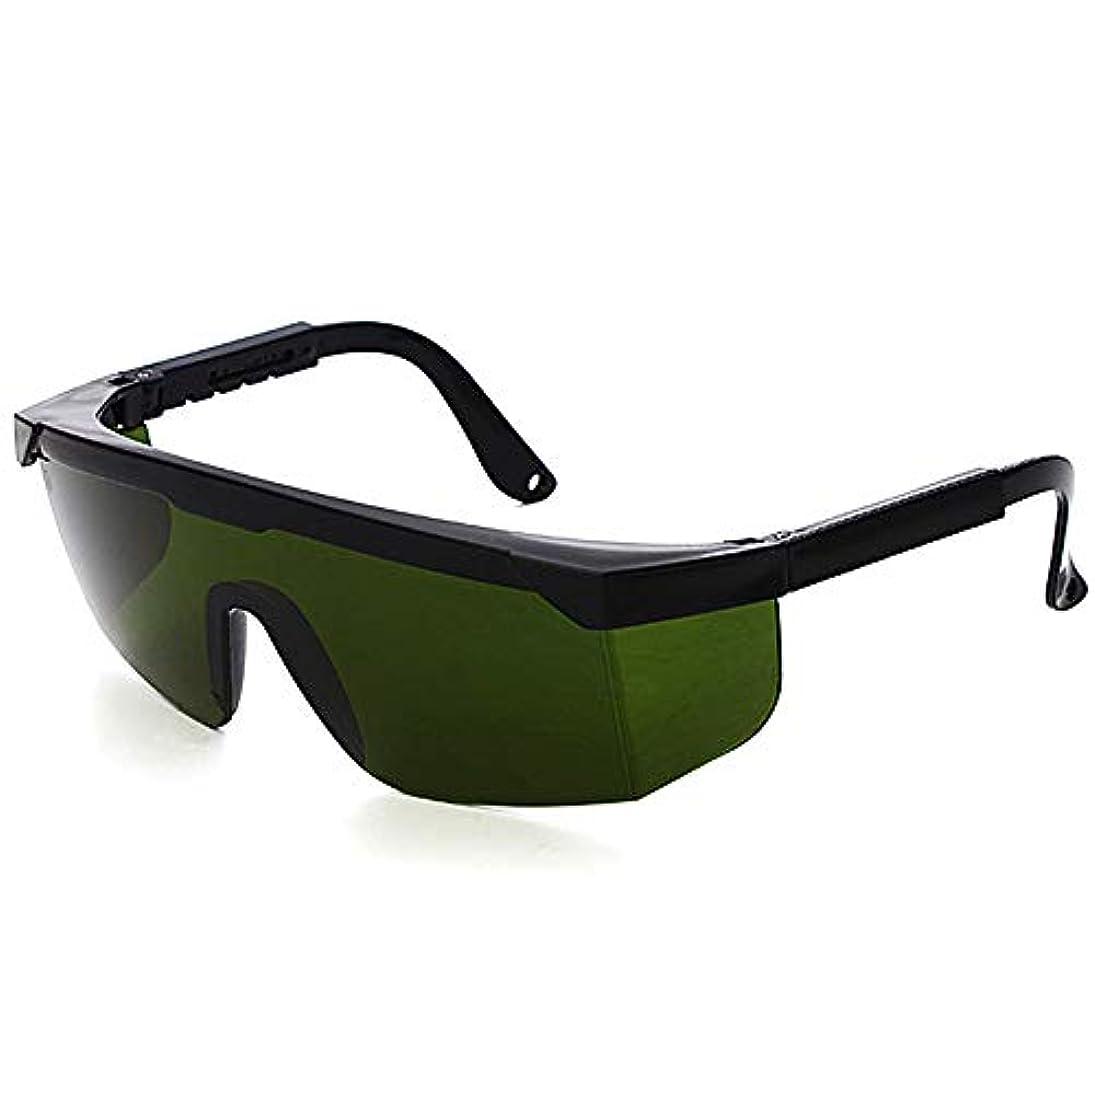 丁寧真っ逆さま捕虜Jiayaofu レーザー保護メガネIPL美容機器メガネレーザーペアIPLメガネ、安全メガネ